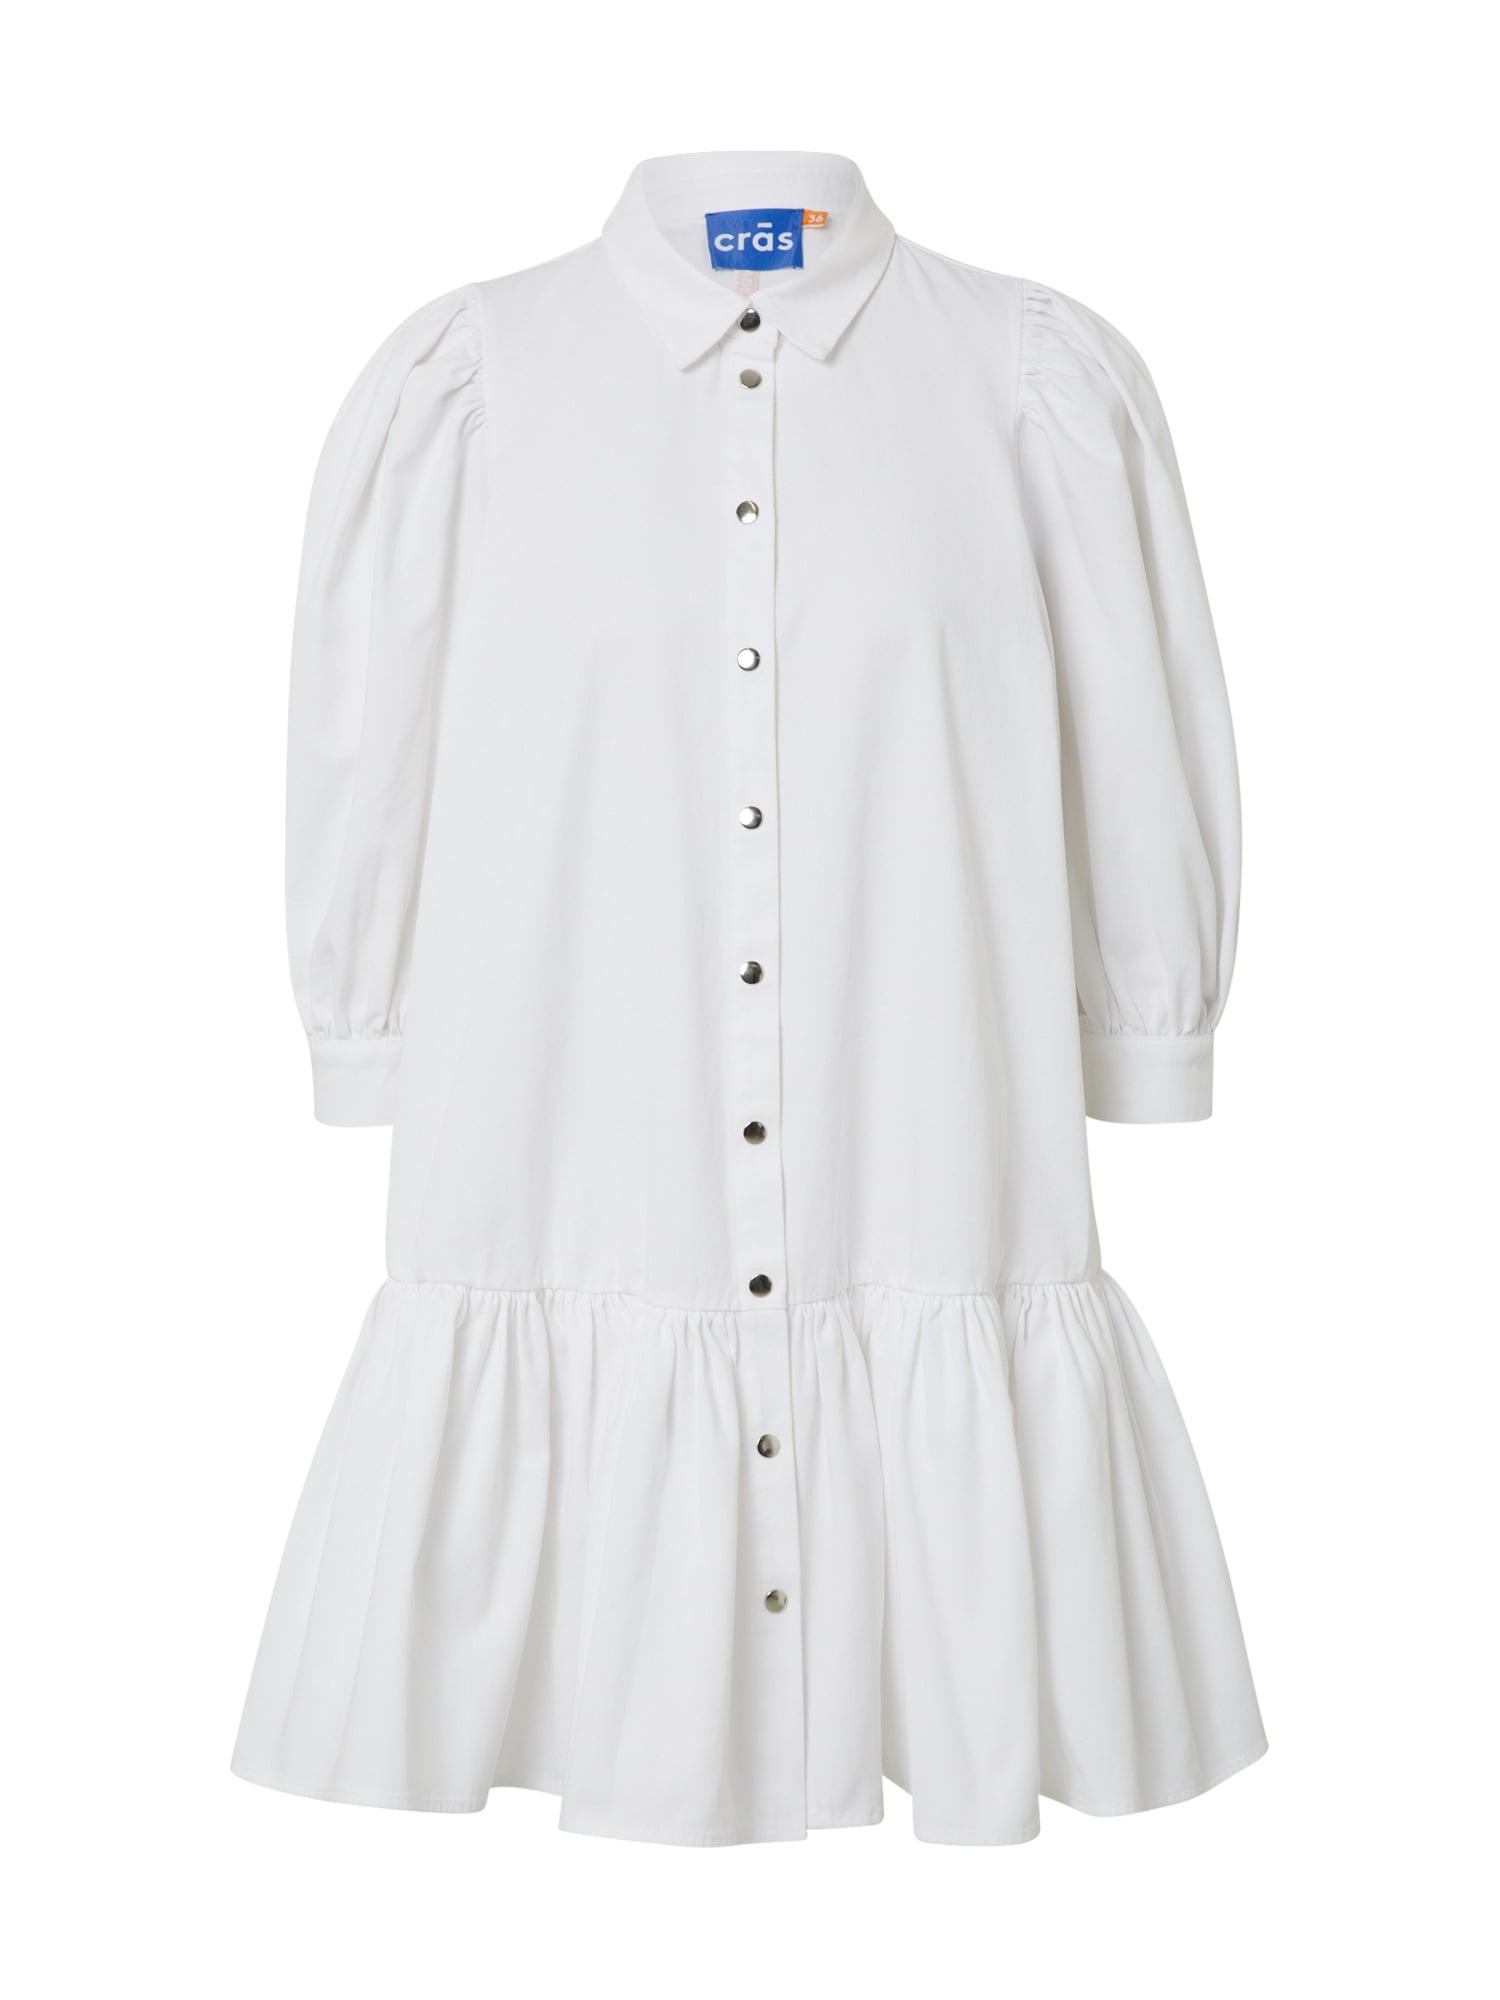 Crās Palaidinės tipo suknelė 'Manacras' balta